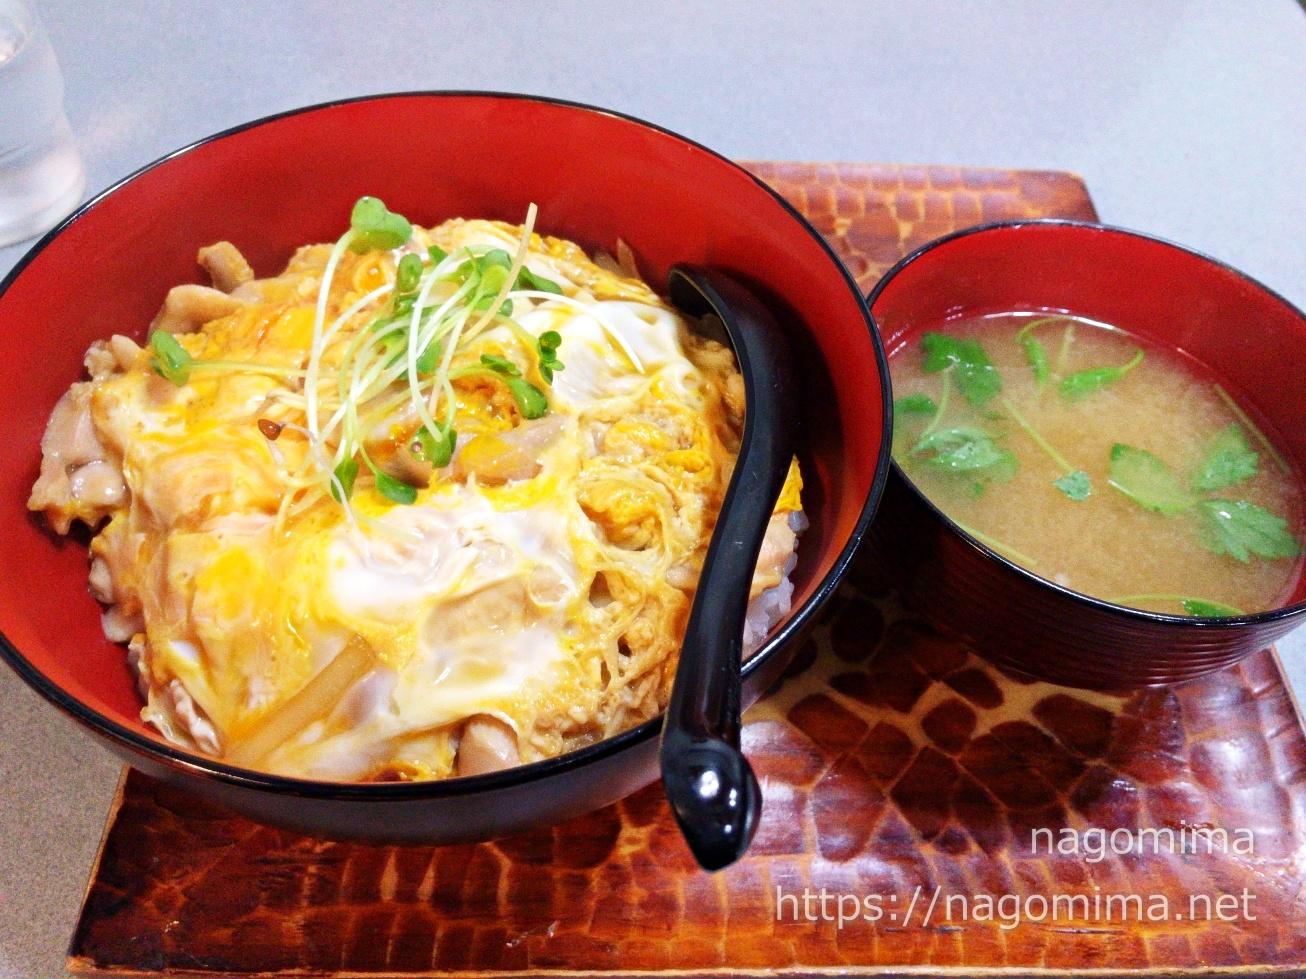 【武蔵境】巴屋の親子丼ともつ煮込みセット